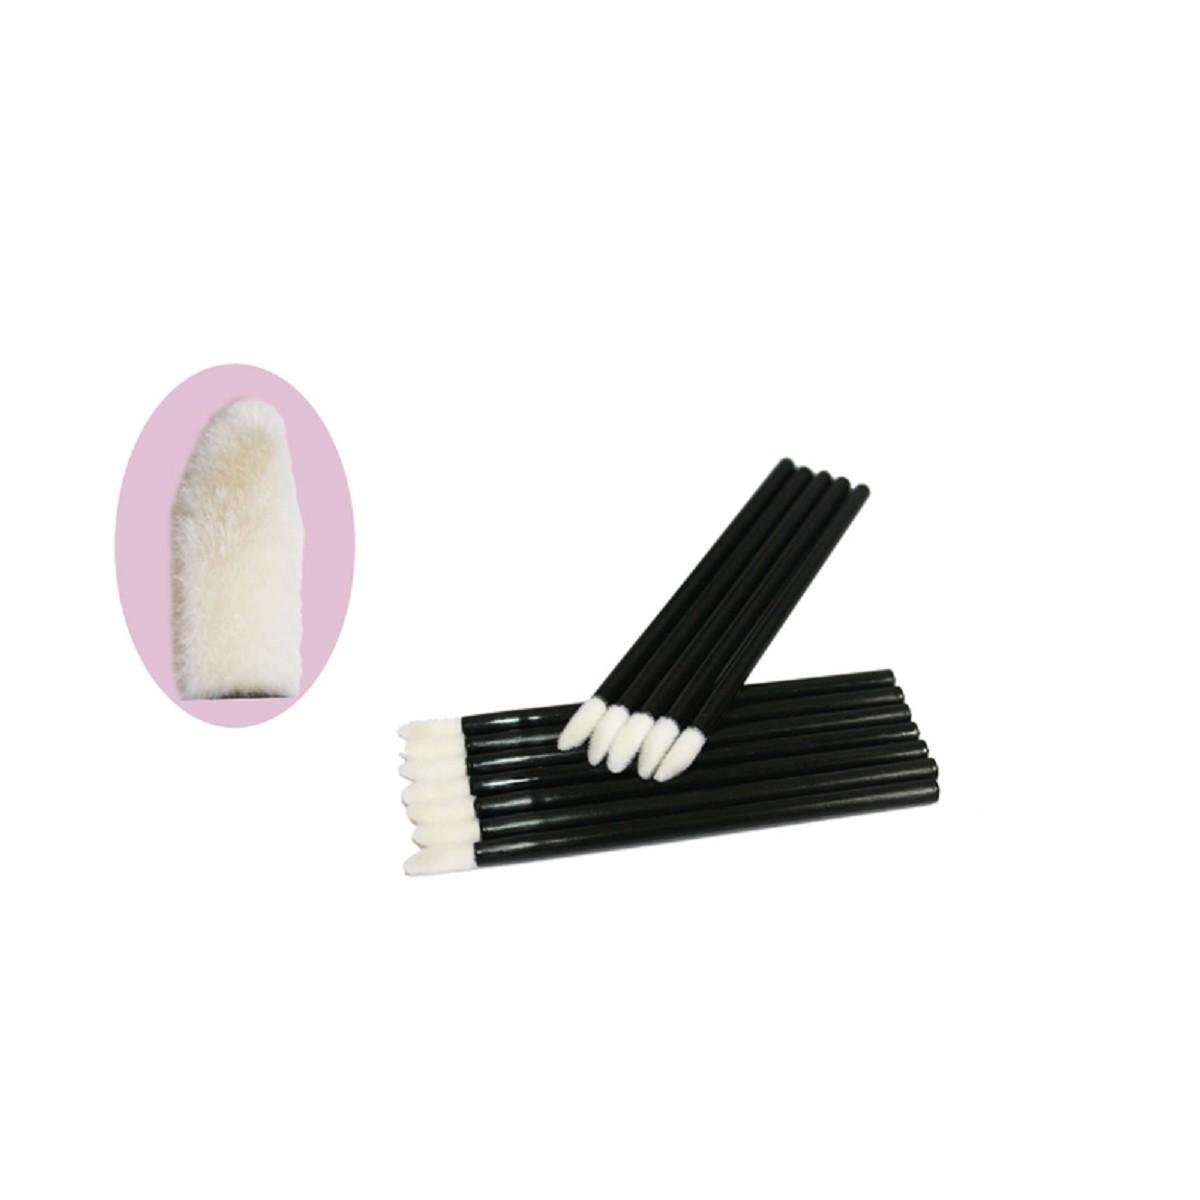 EJ107 Aplicador de Gloss e Batom Líquido - Macrilan